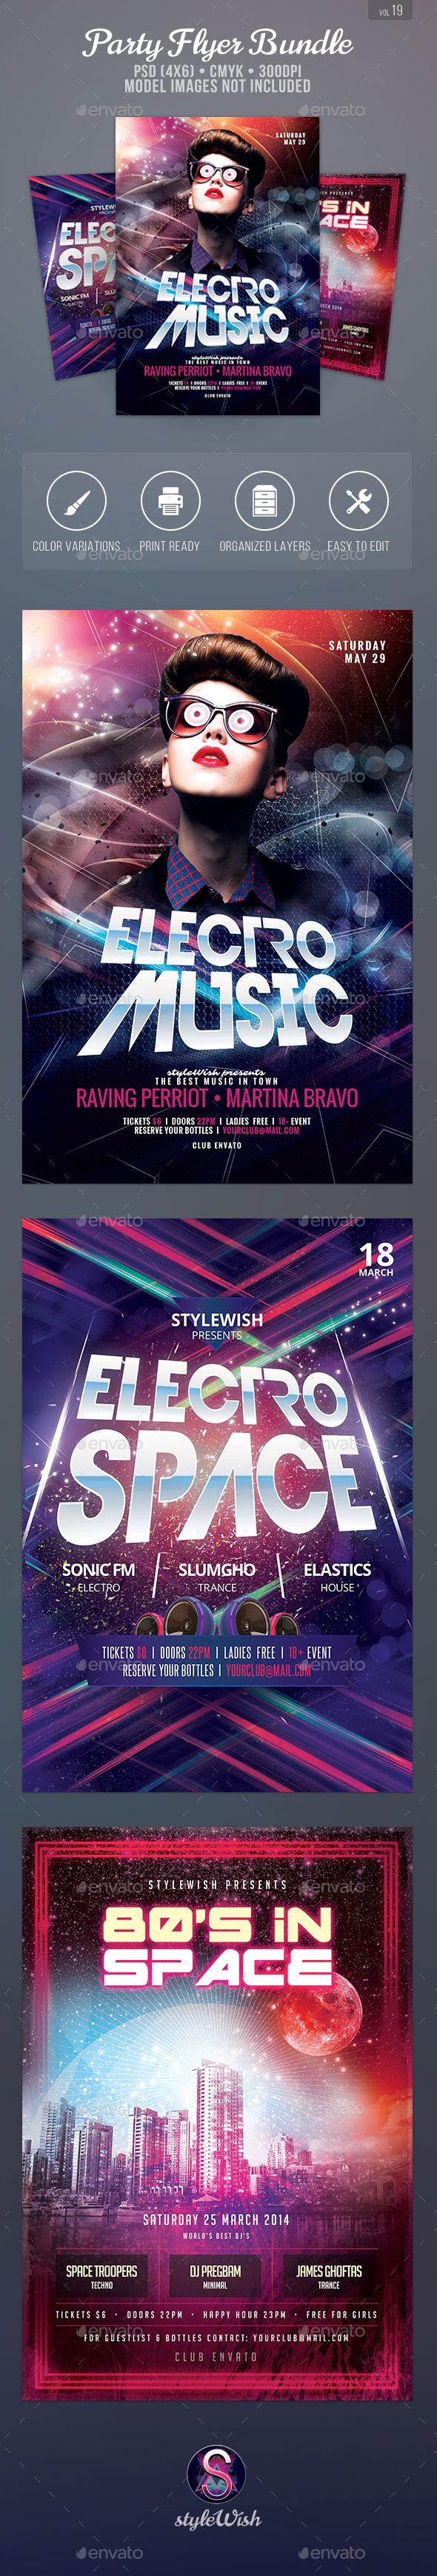 Party Flyer Bundle Vol.19 - Clubs & Parties Events